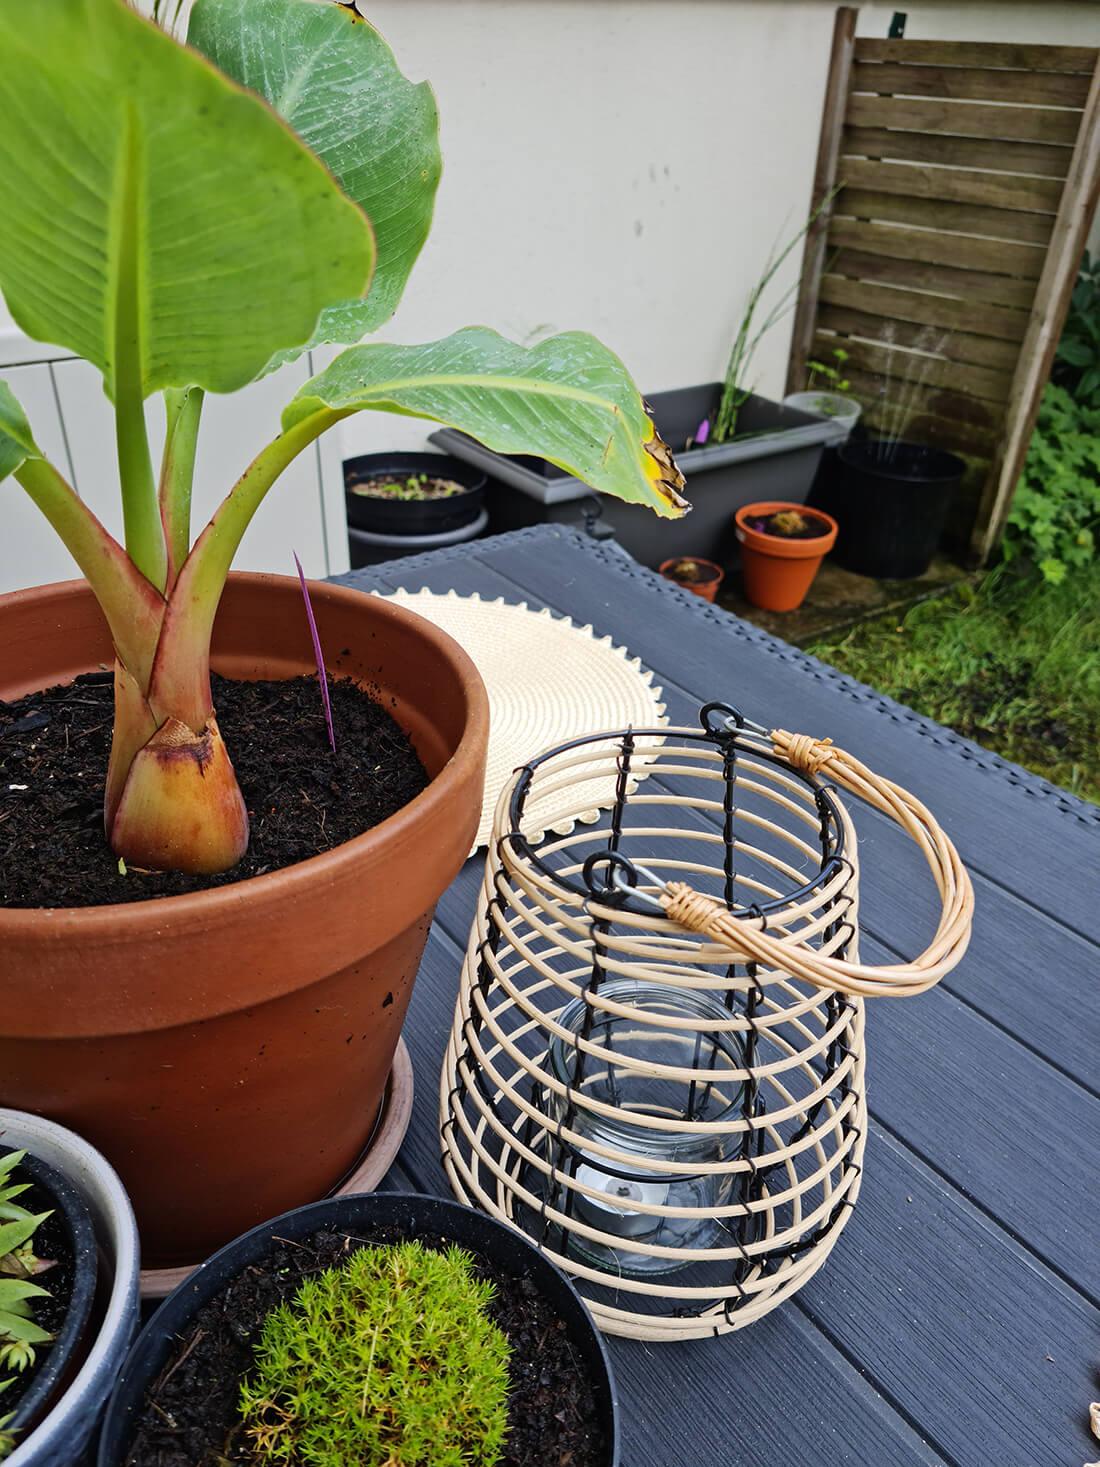 20210701 114850 2 - Garden tour : le résultat et la visite privée de mon jardin après relooking